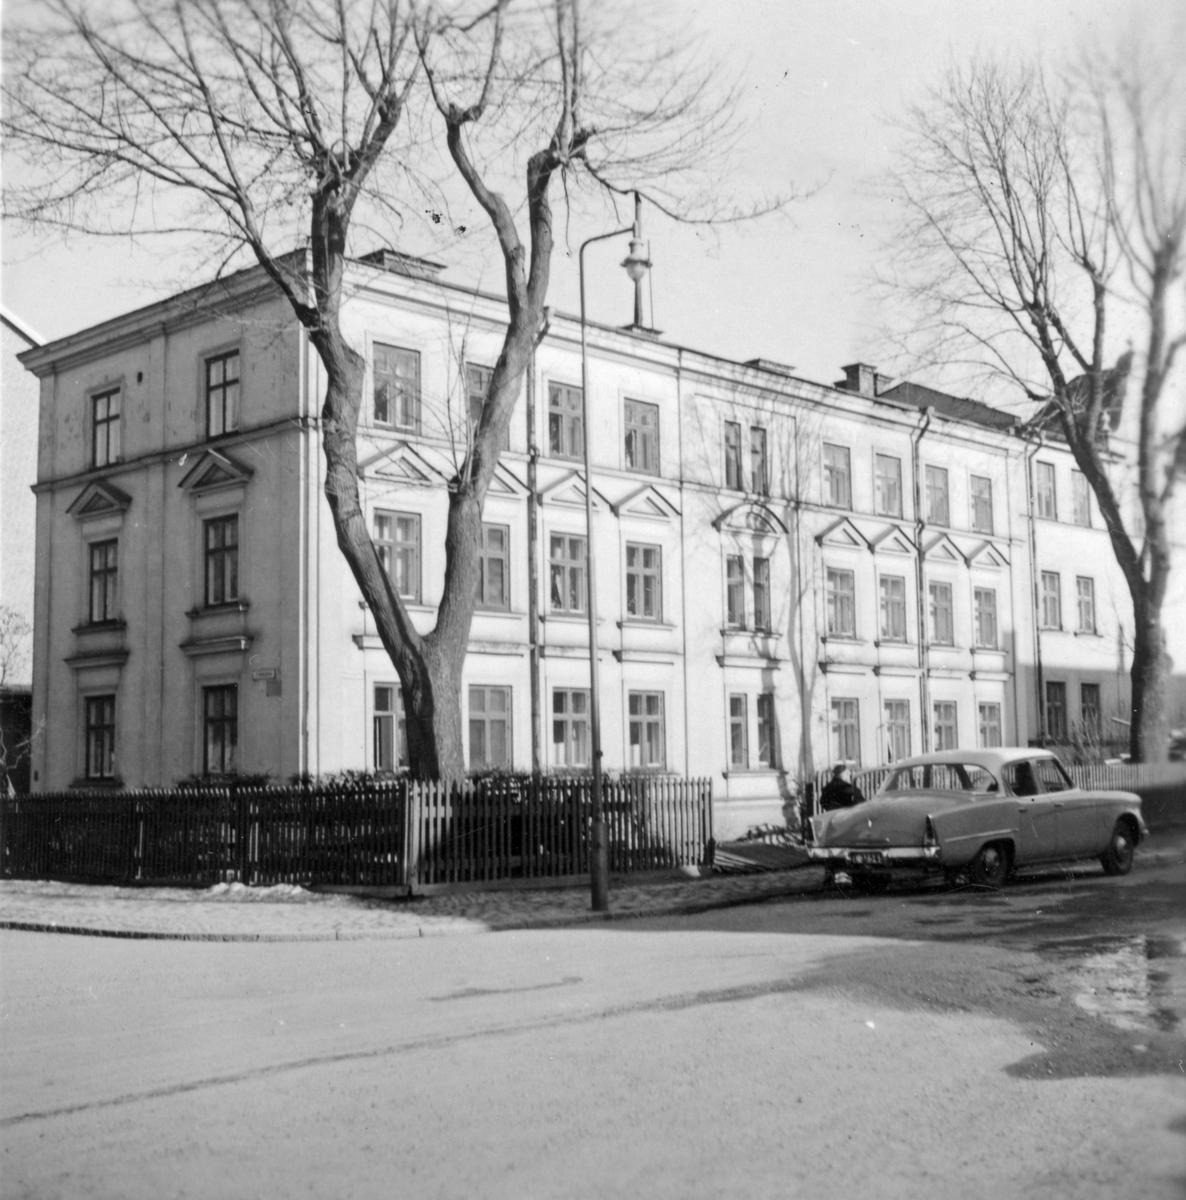 Gatufasad Nelinsgatan 19 i Norrköping. Huset byggdes på 1890-talet och kom att rivas strax efter fotografiet tagits.